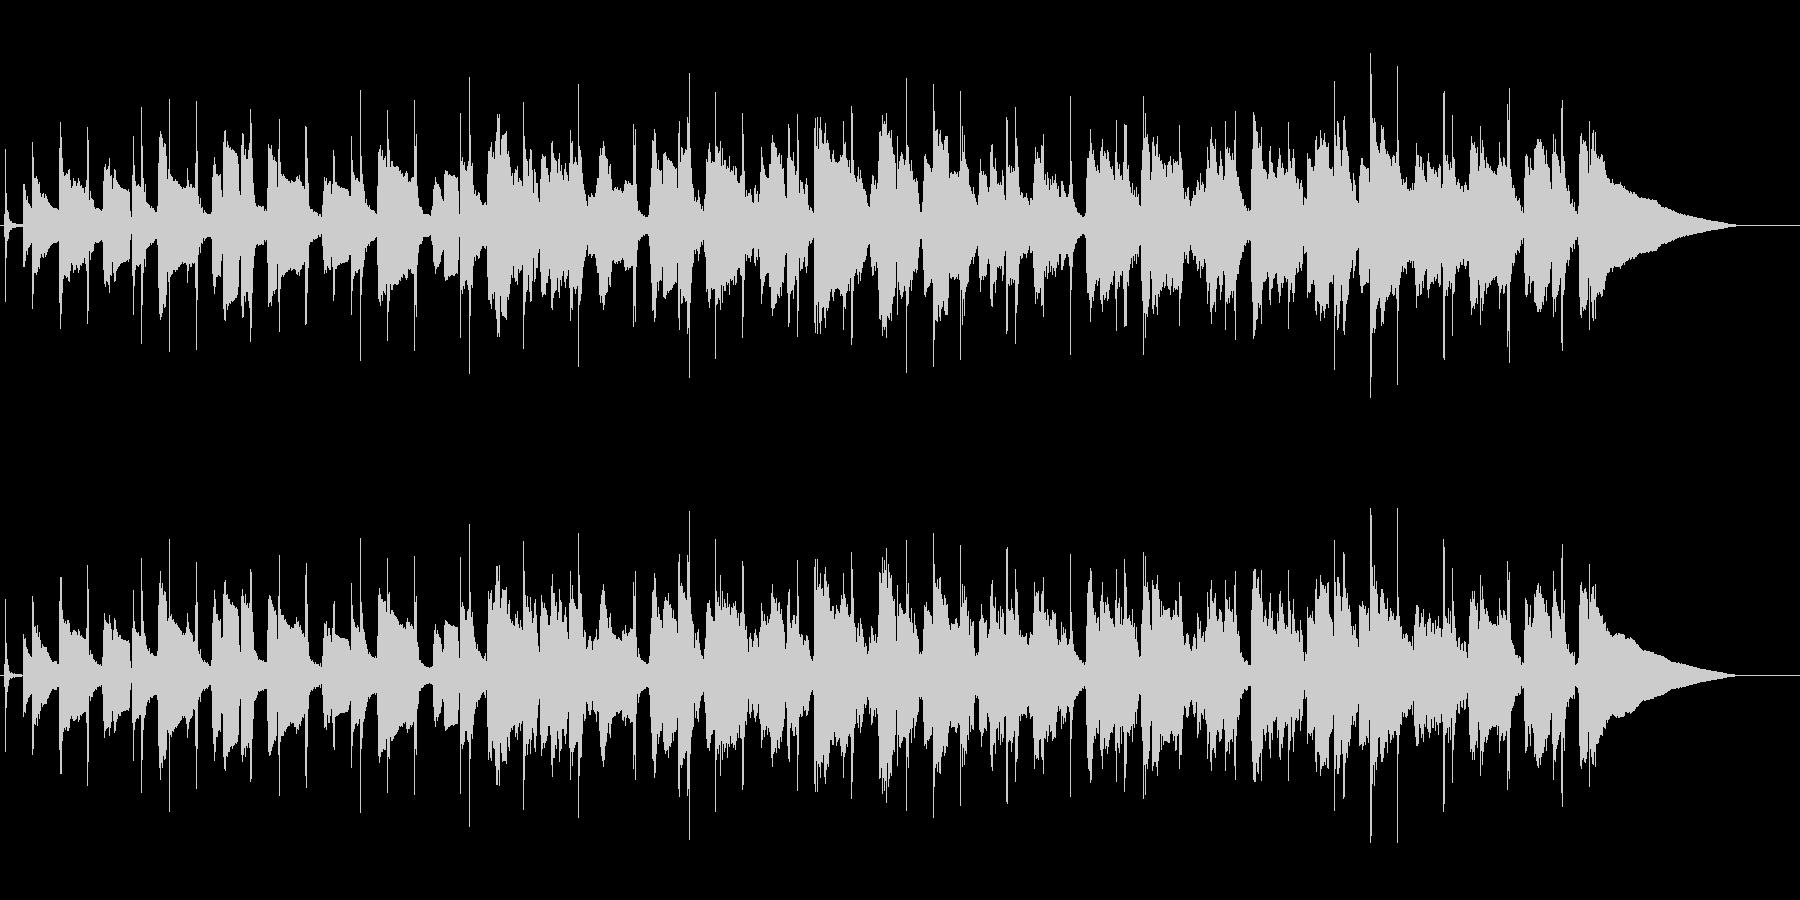 ほのぼの可愛い口笛ギターポップ/30秒の未再生の波形